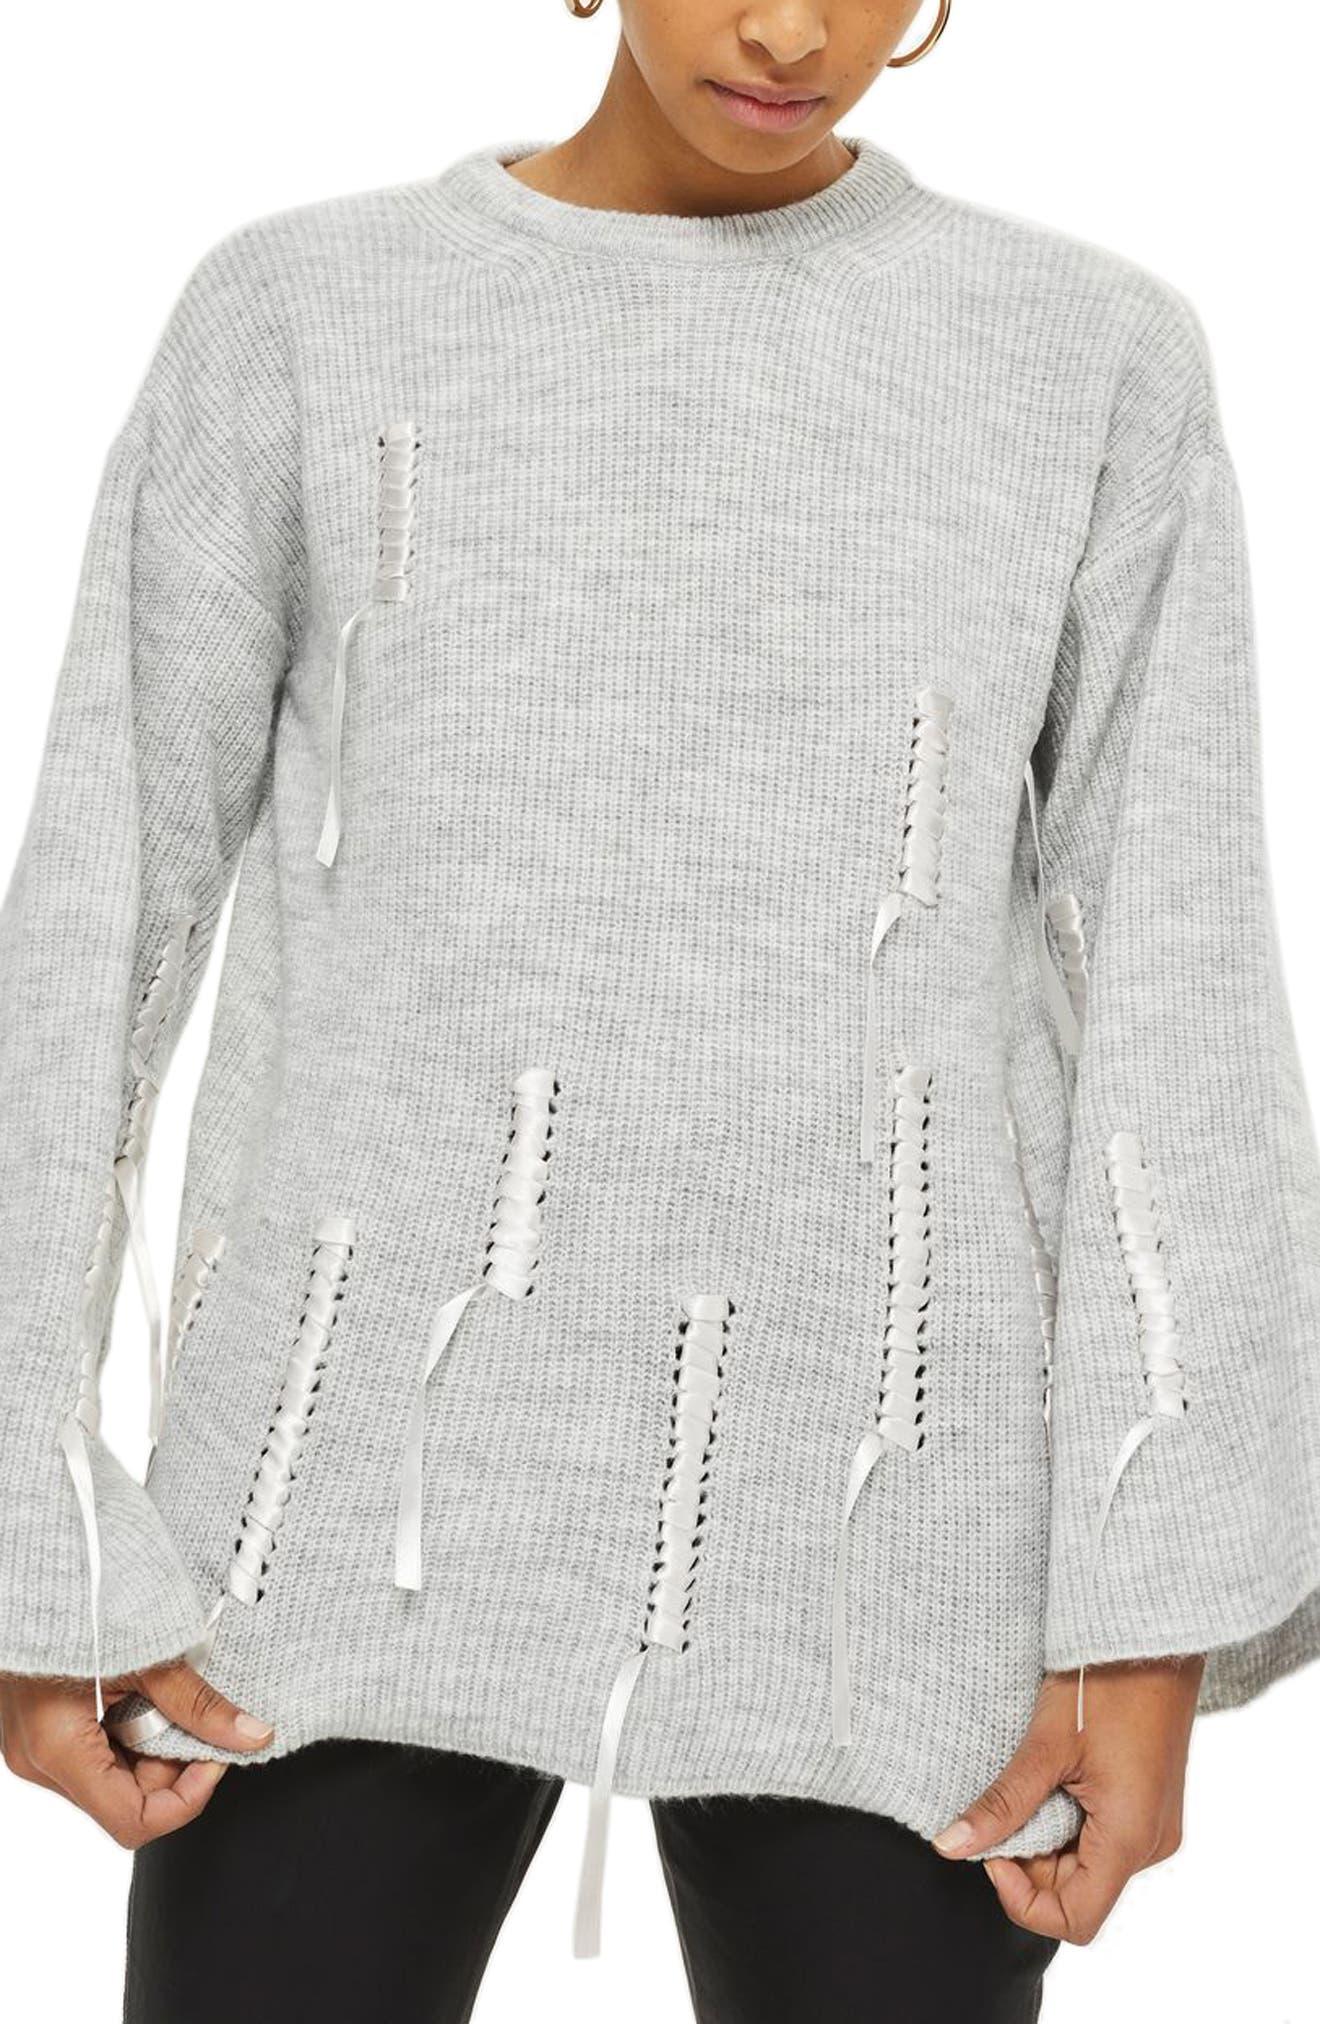 Topshop Ribbon Detail Sweater